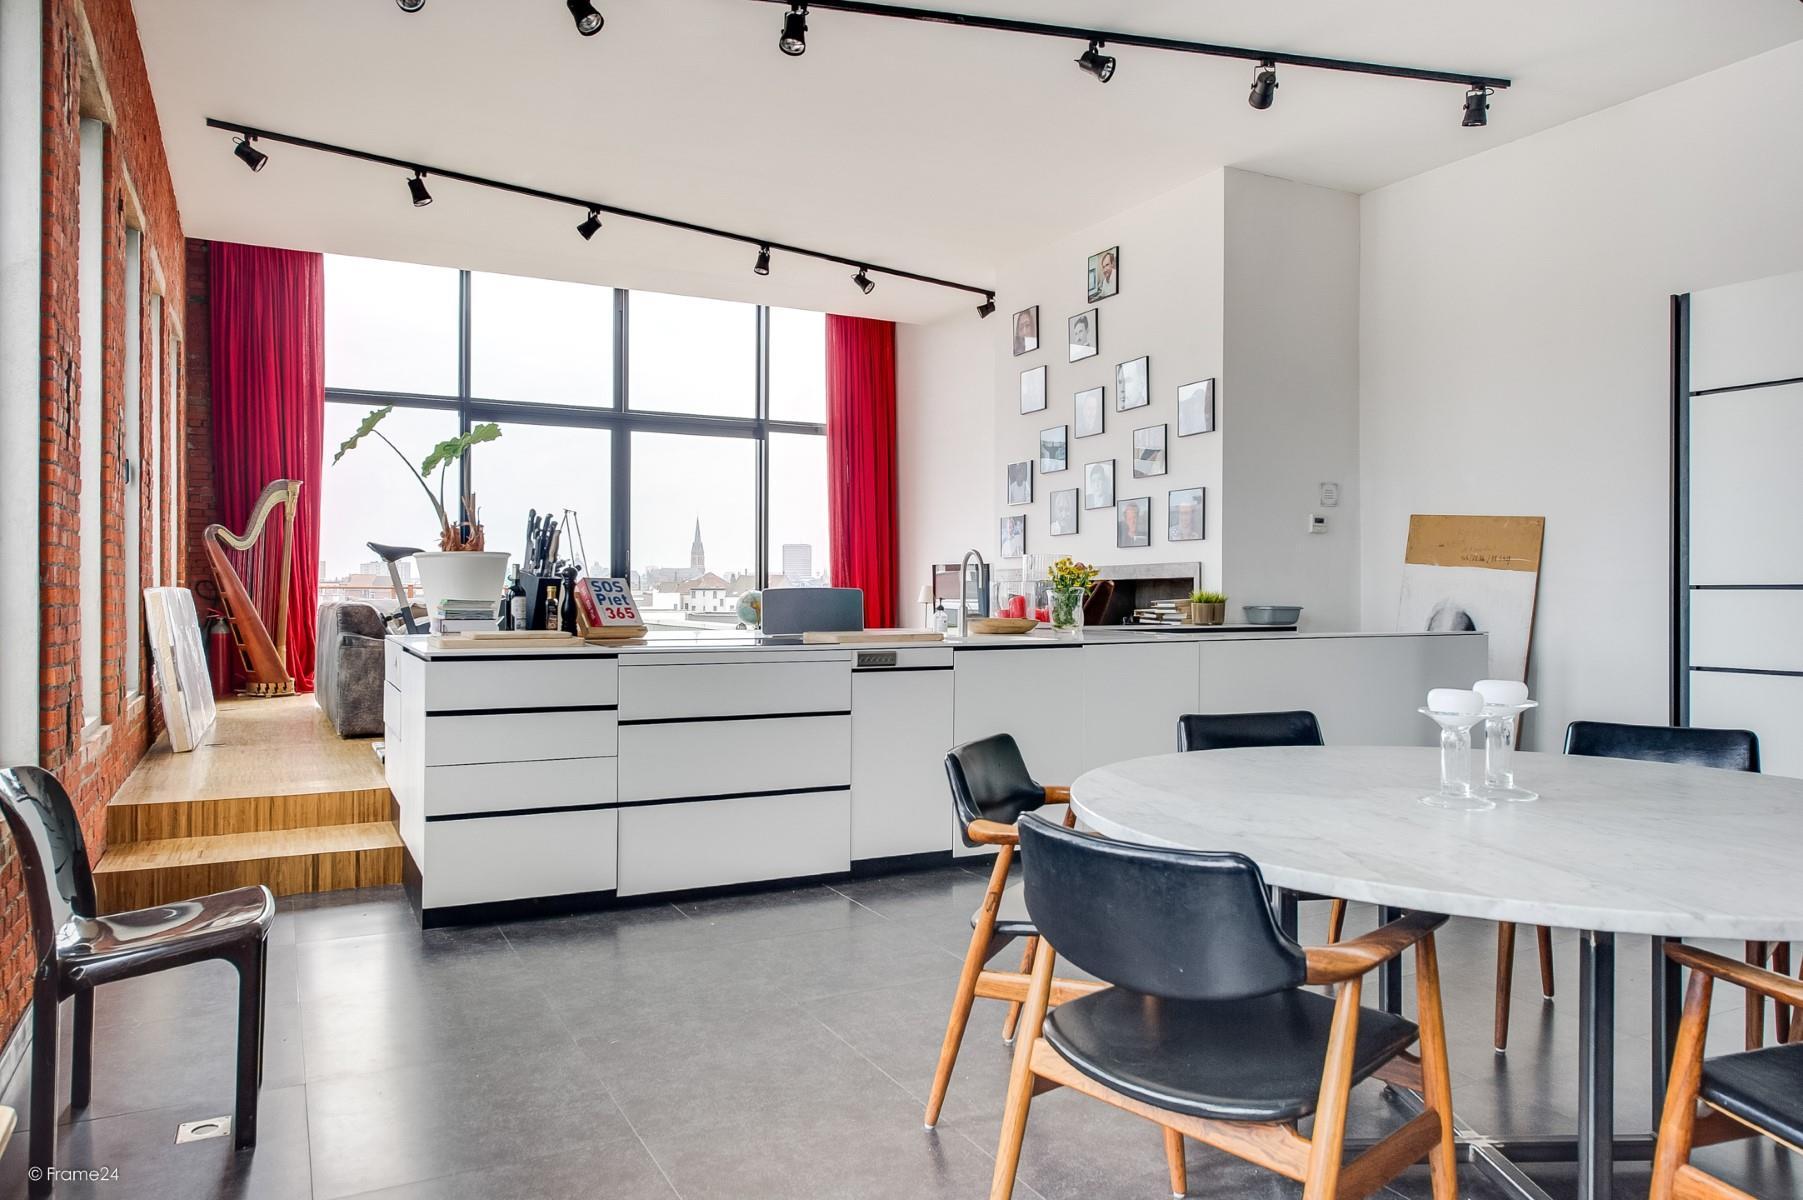 гостиная кухня кухонный остров